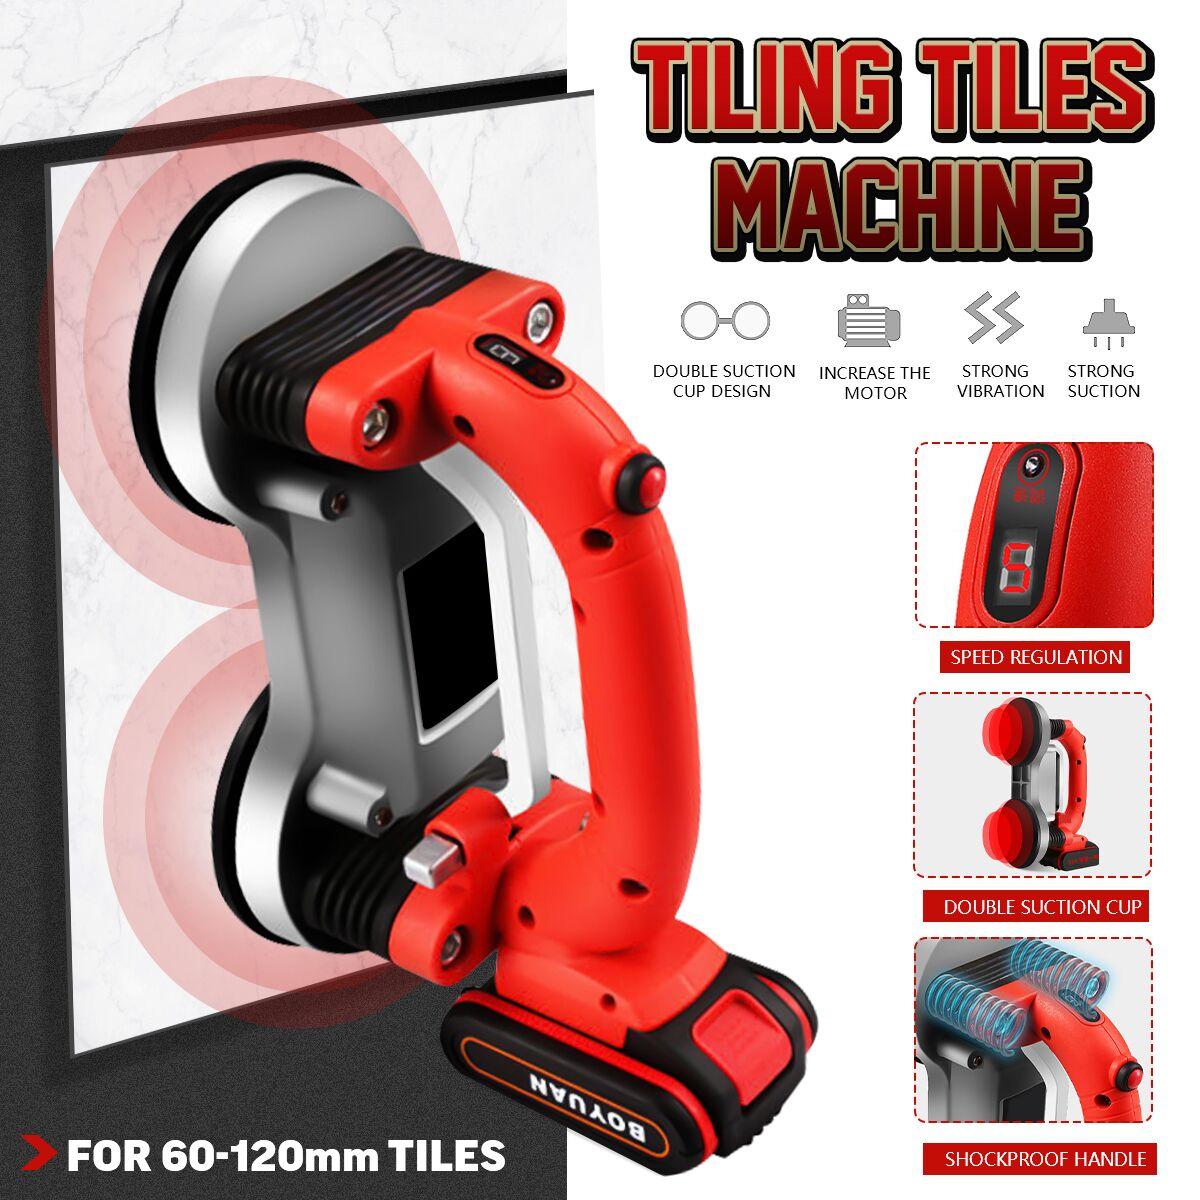 Máquina de azulejos de 60-120mm, azulejos, vibrador, ventosa, ajustable, portátil, automático, suelo, vibrador, herramienta de nivelación con batería